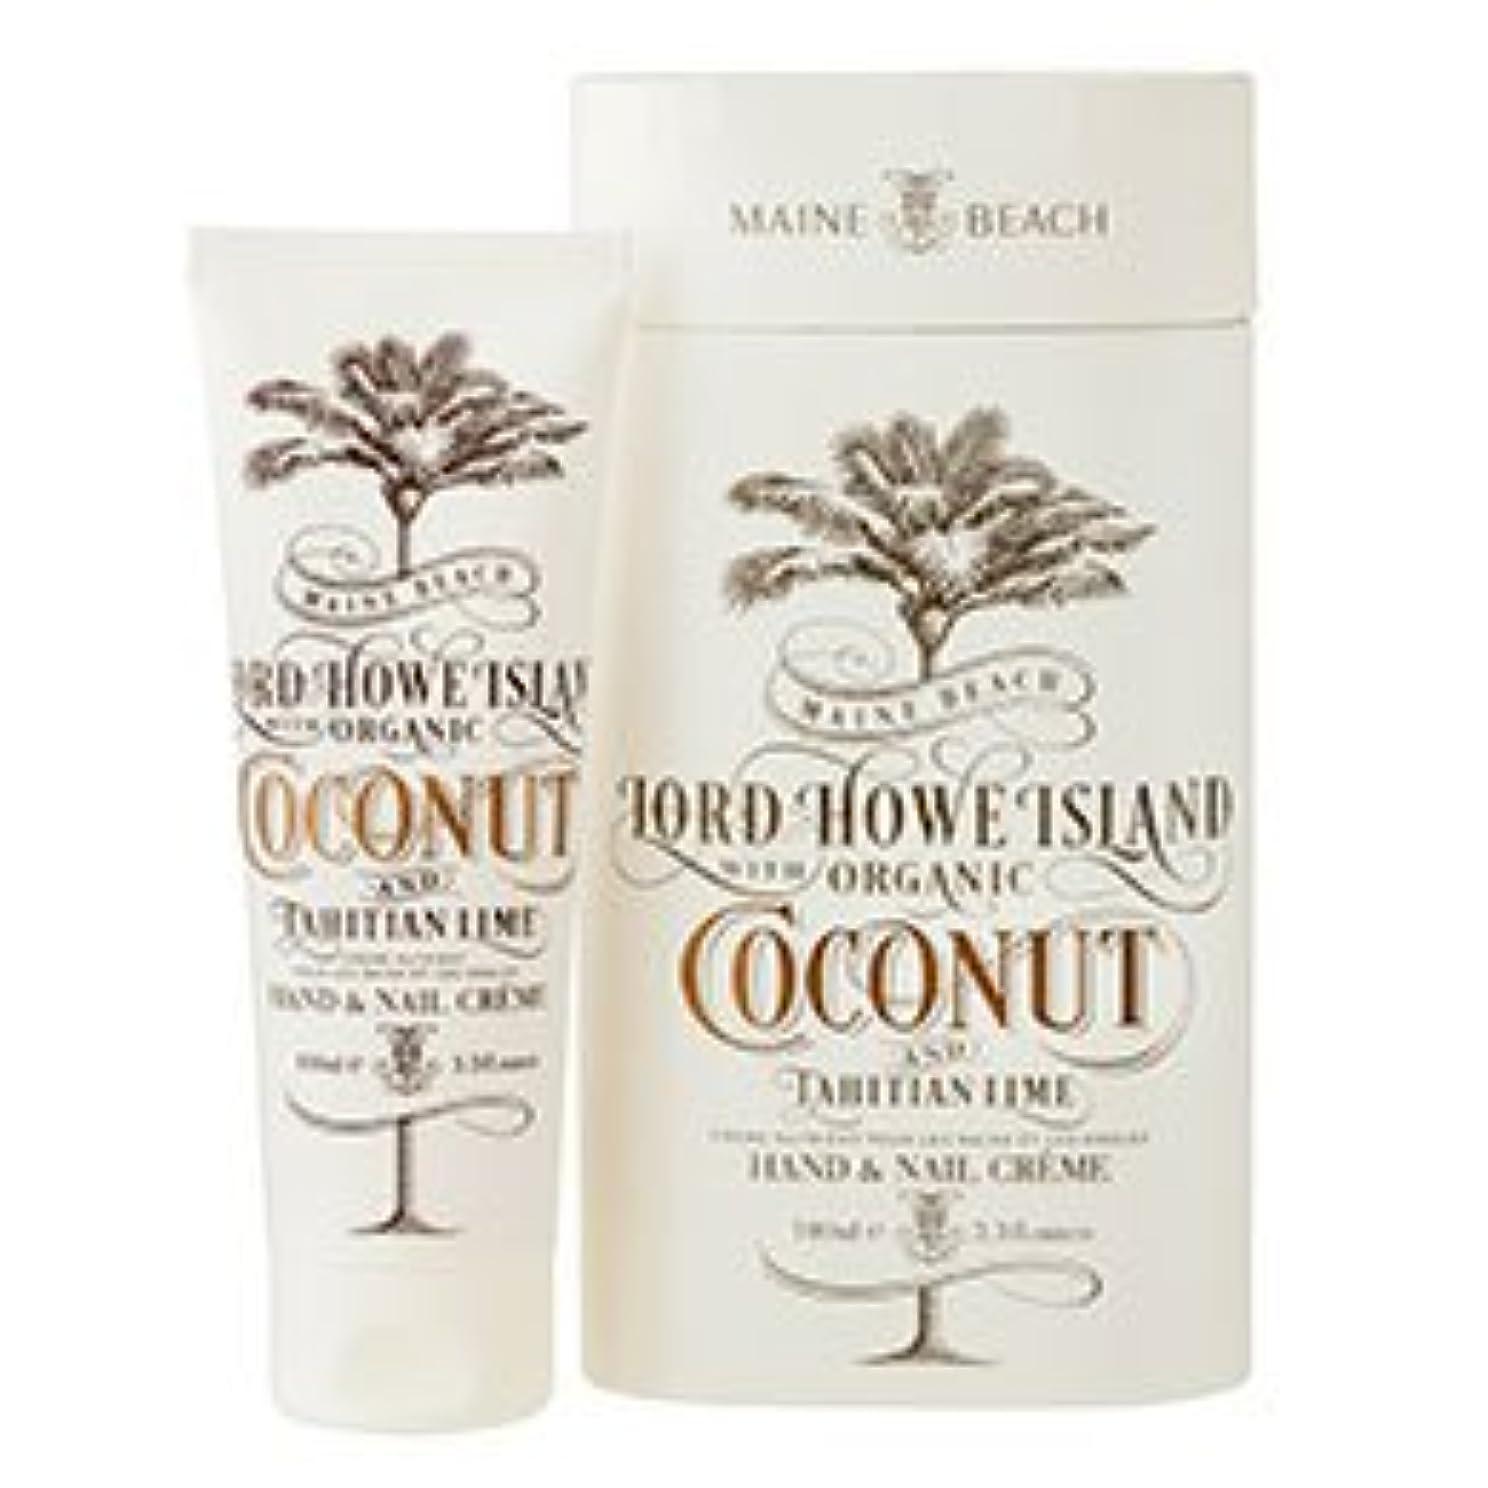 どこ問題木材MAINE BEACH マインビーチ Coconut&Lime ココナッツ&ライム Hand&Nail Cream/ハンド&ネイルクリーム 美容?コスメ?香水 ボディケア ハンドクリーム